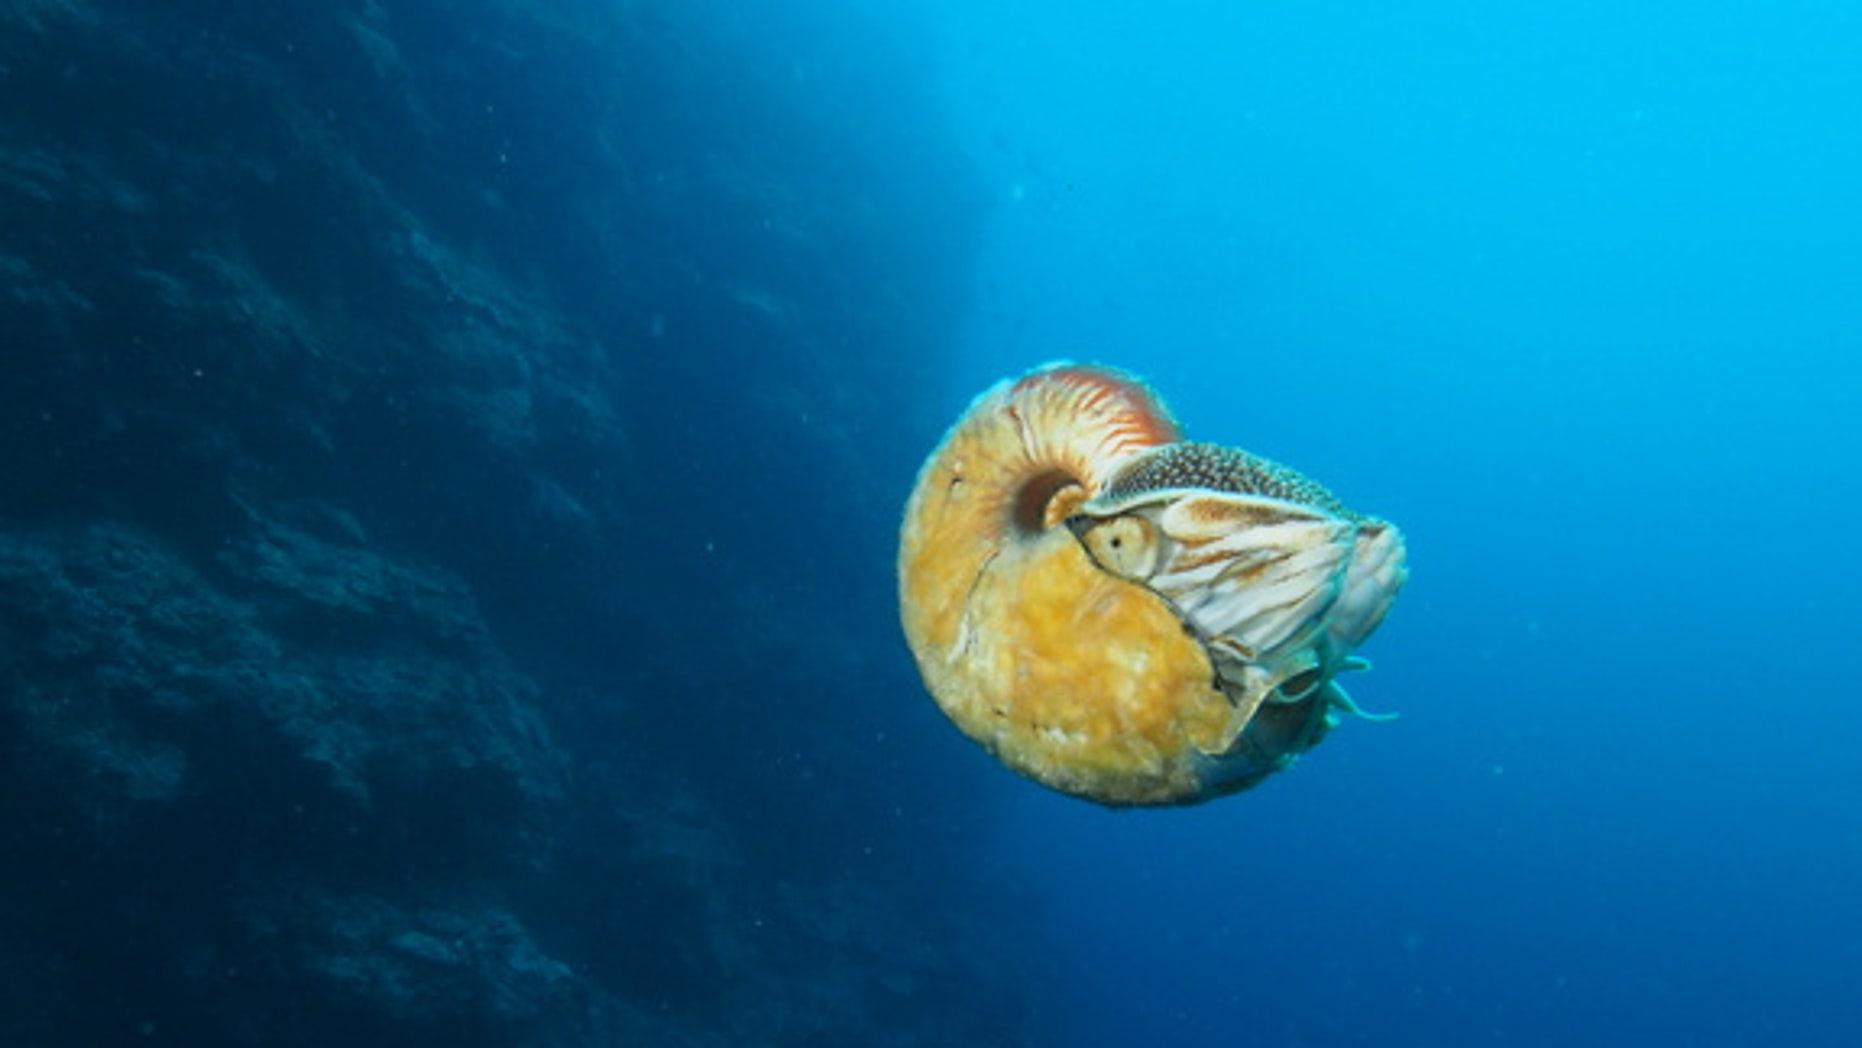 Allonautilus scrobiculatus off the coast of Ndrova Island in Papua New Guinea.